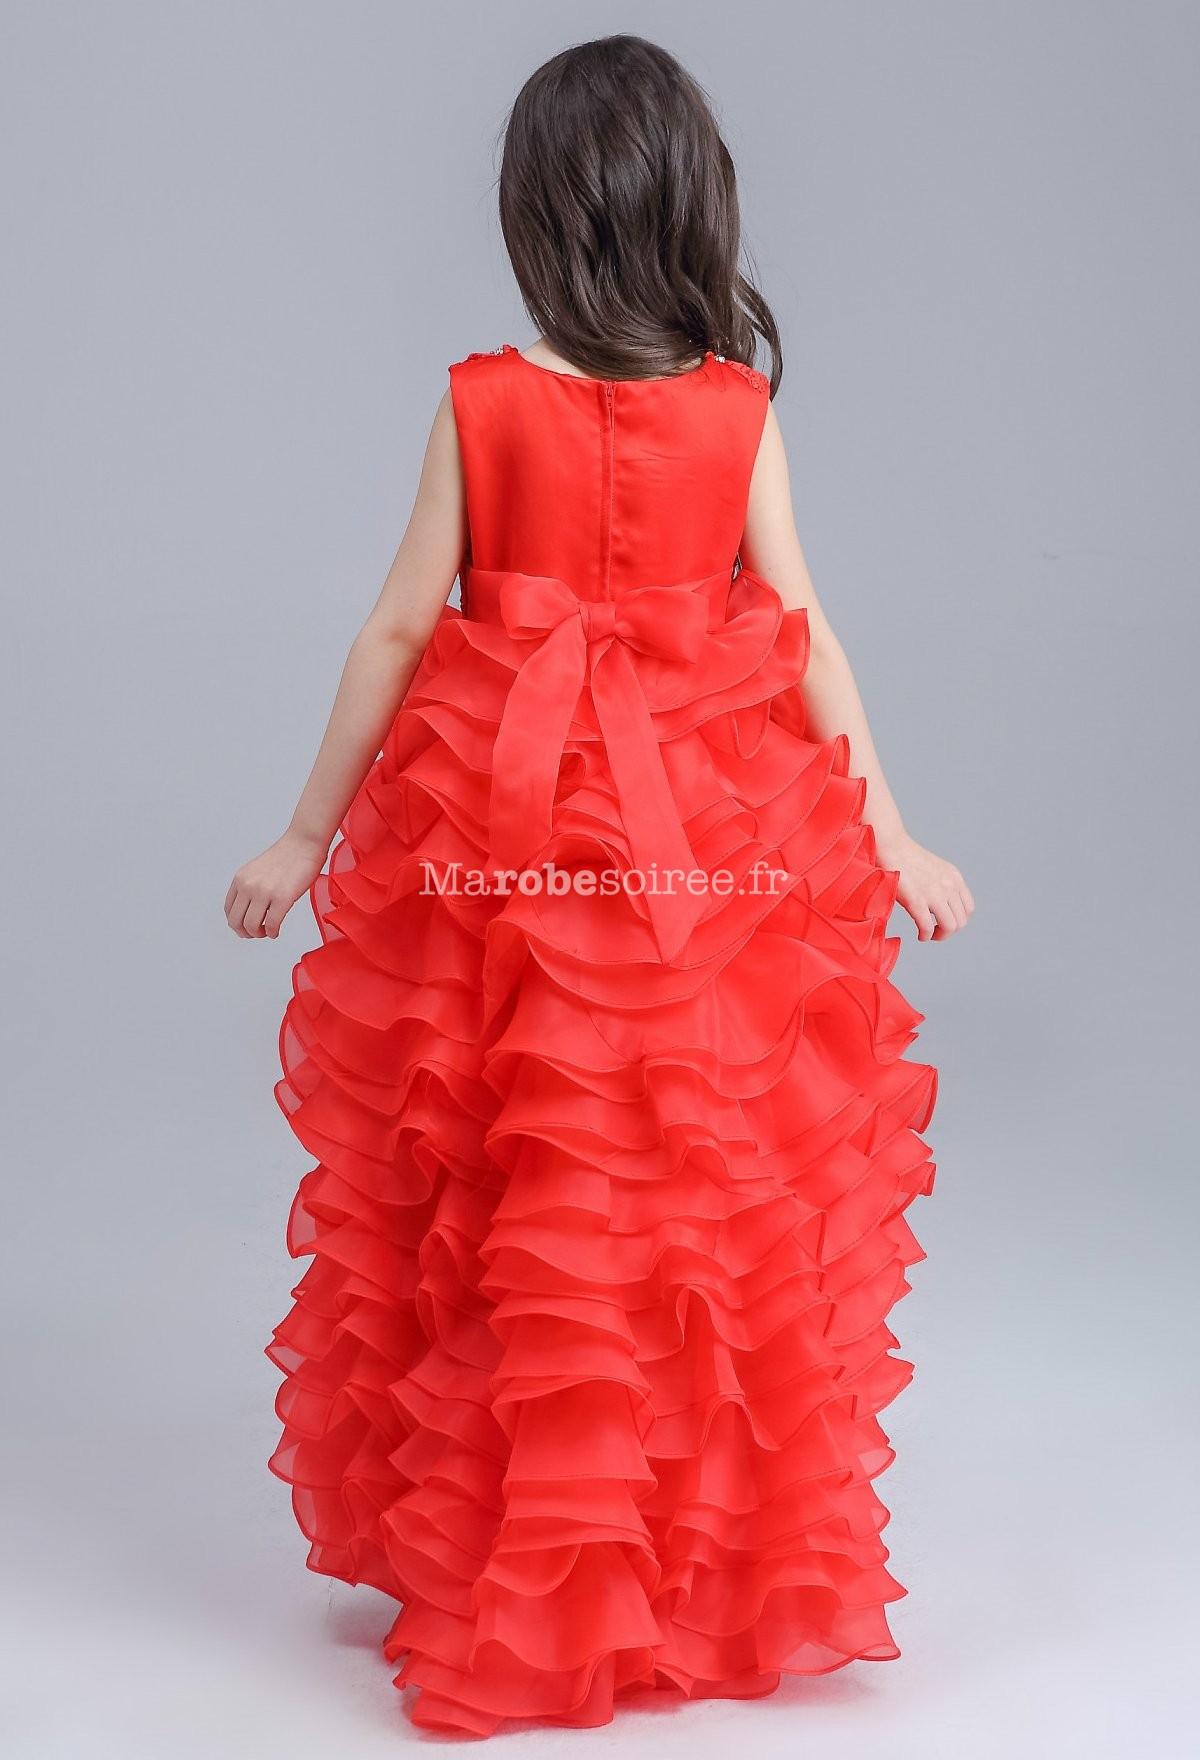 02666f09b0263 ... couleur rouge  Robe asymétrique pour jeune fille - dos ...